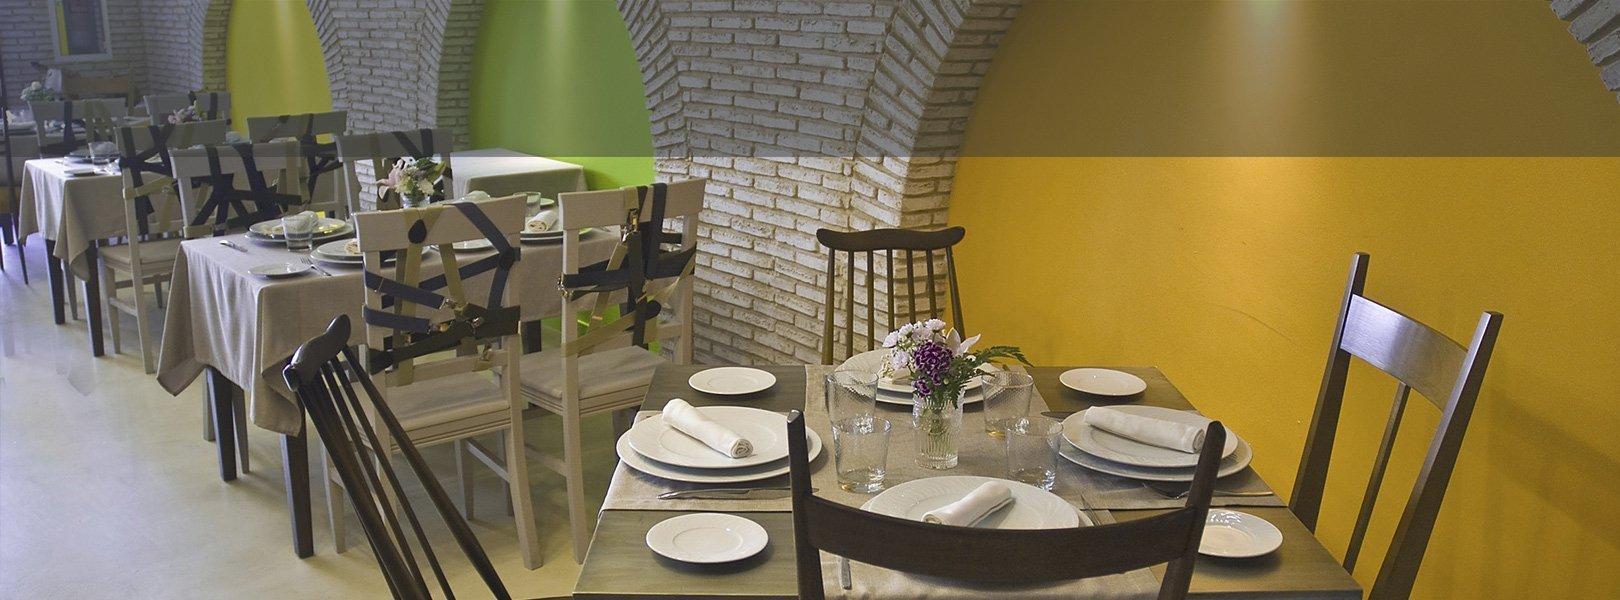 Restaurante Hotel Essentia en Aracena, Huelva, España.